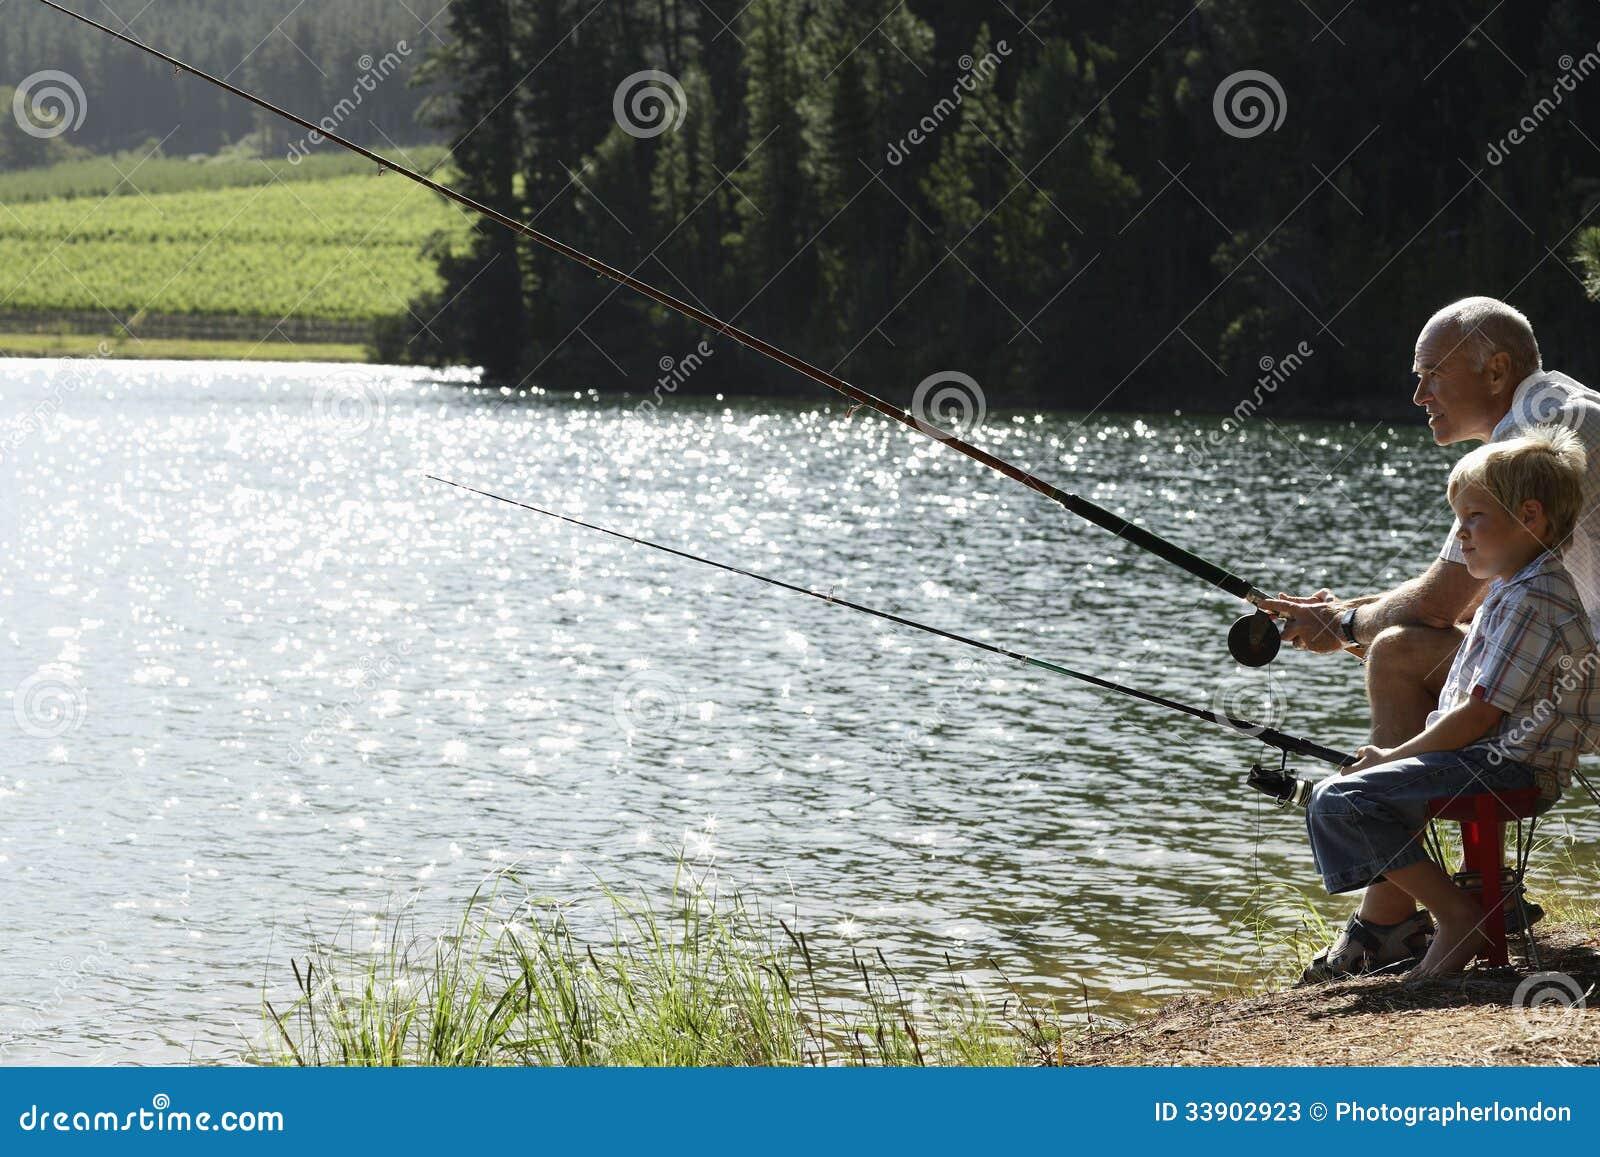 Рыбная ловля деда и внука озером